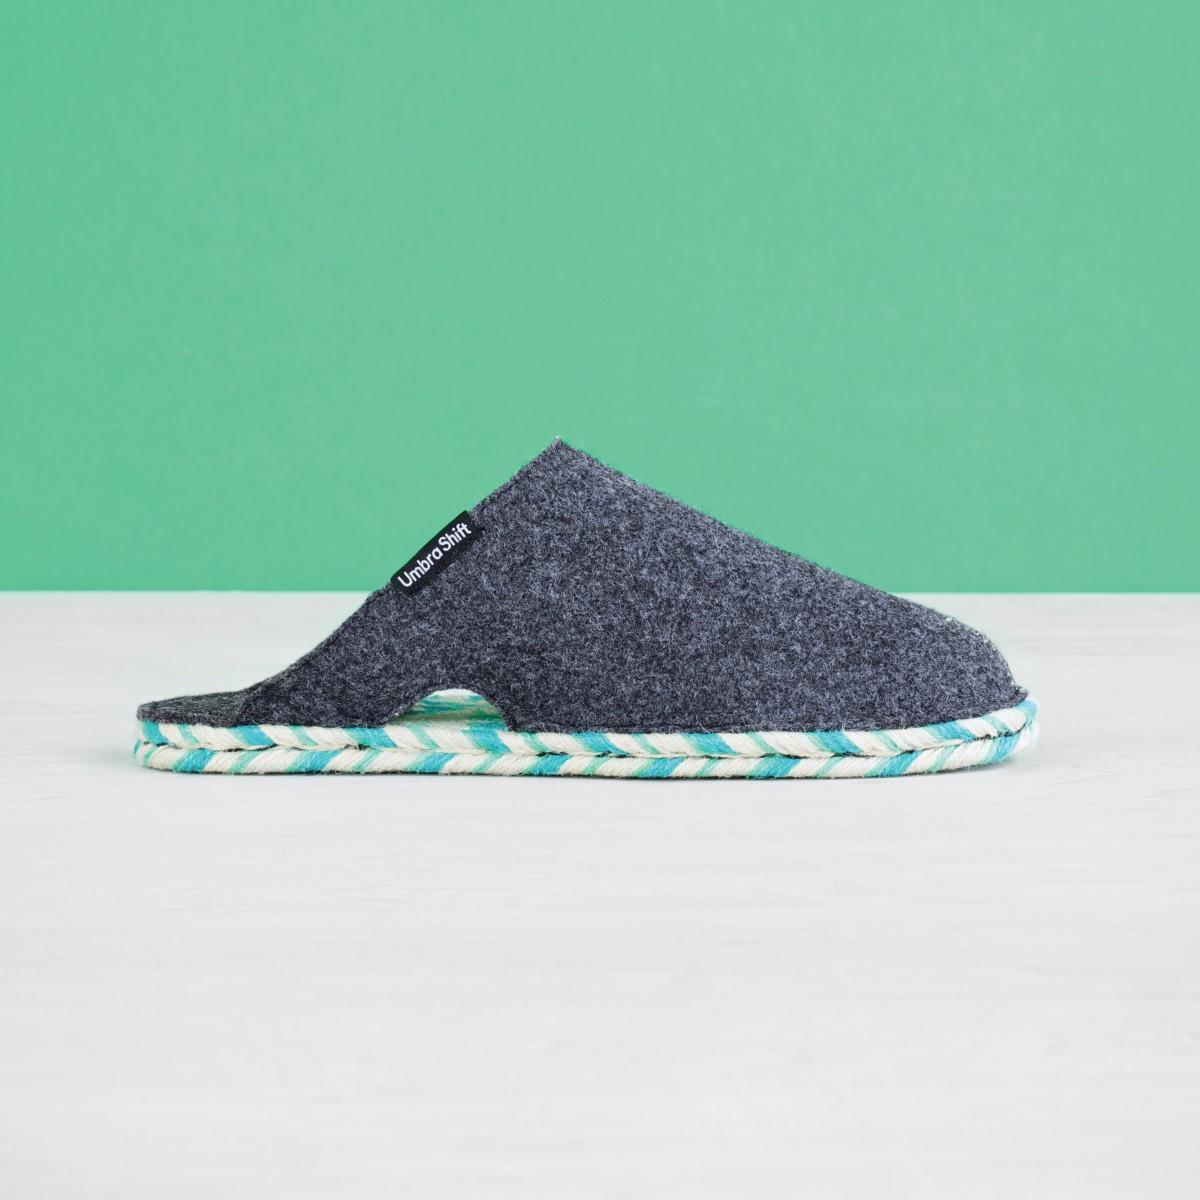 880130-555-felt_house_slippers-001_3_1.jpg